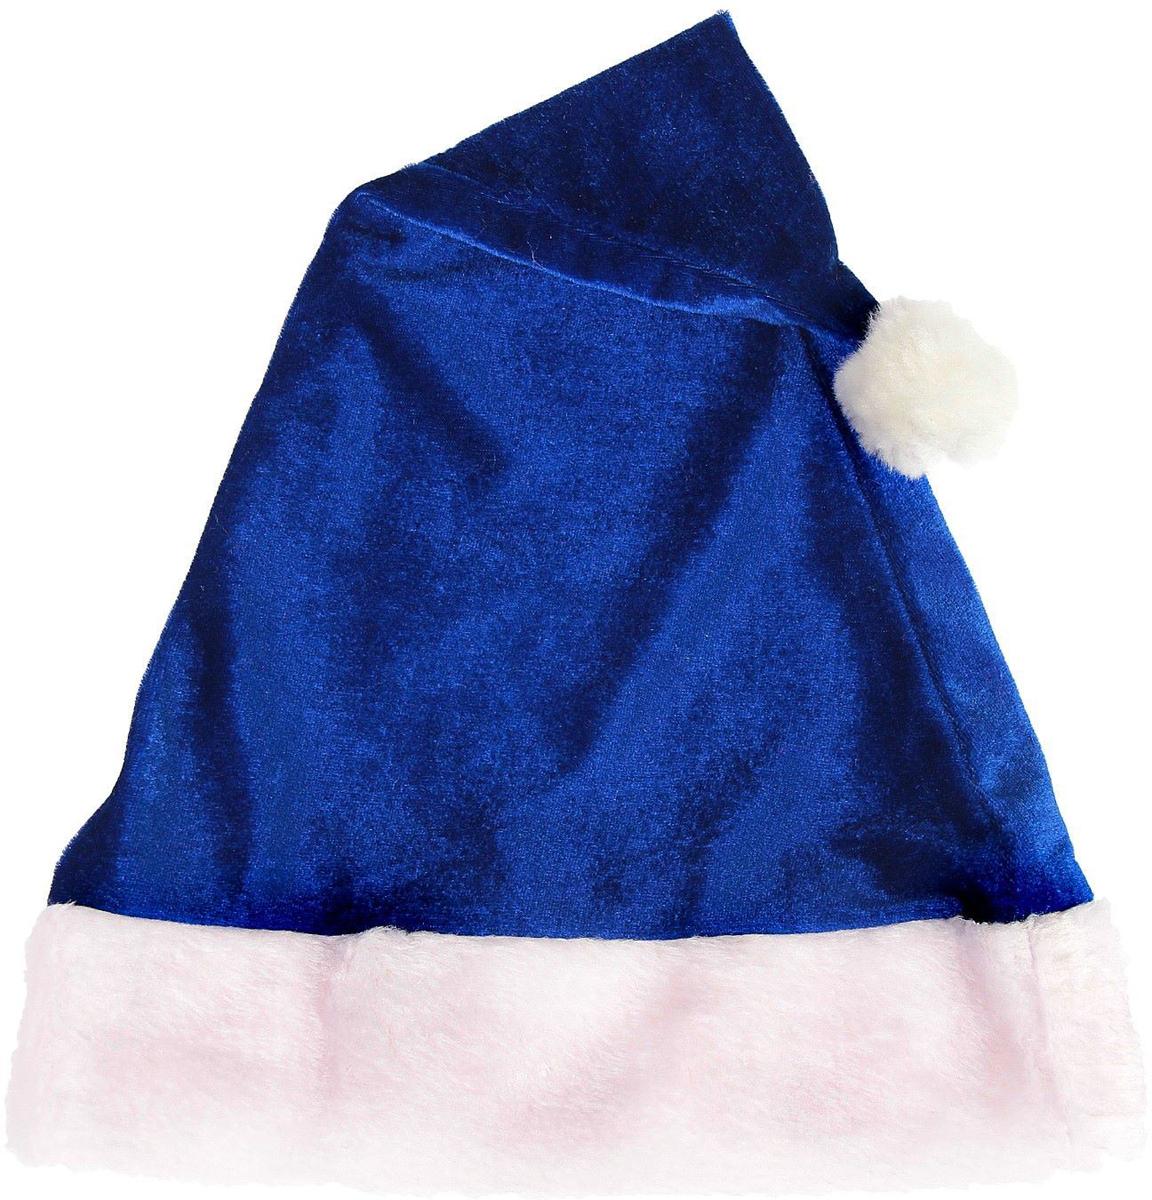 Колпак новогодний Мягкий, цвет: синий, 28 х 40 см2352009Невозможно представить нашу жизнь без праздников! Мы всегда ждем их и предвкушаем, обдумываем, как проведем памятный день, тщательно выбираем подарки и аксессуары, ведь именно они создают и поддерживают торжественный настрой. Это отличный выбор, который привнесет атмосферу праздника в ваш дом!